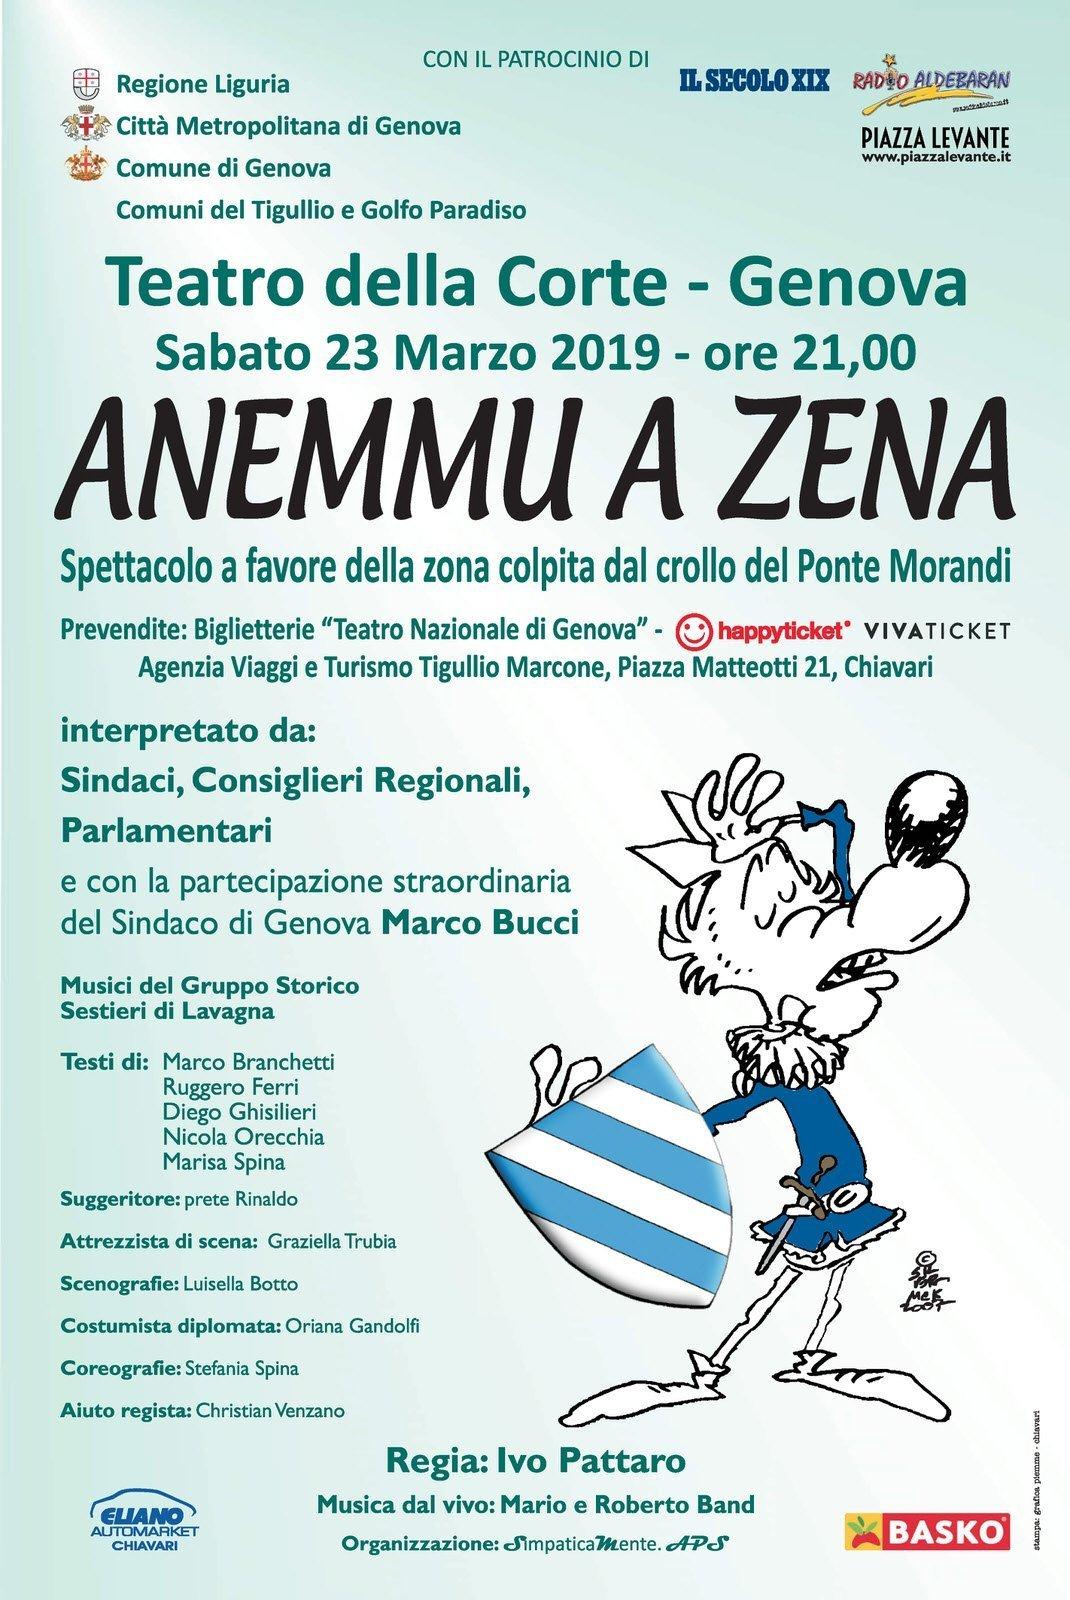 """Sabato 23 marzo a Genova lo spettacolo di beneficenza """"Anemmu a Zena"""" in favore della zona colpita dal crollo del Ponte Morandi"""